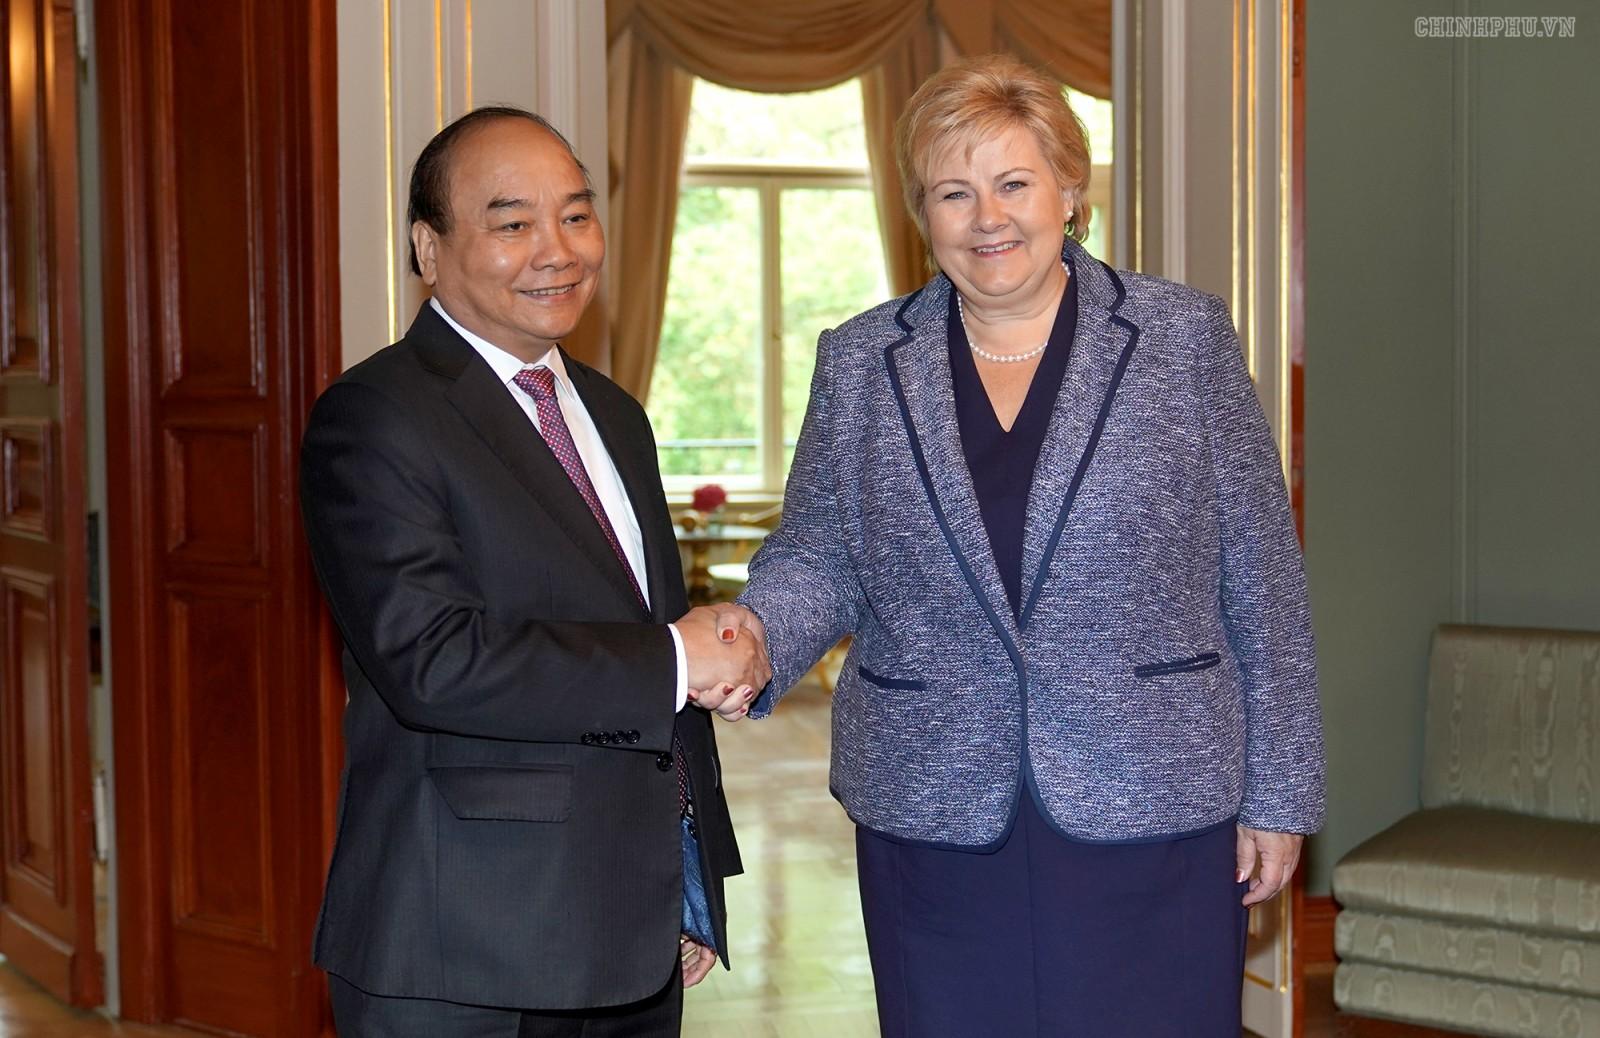 Thủ tướng Nguyễn Xuân Phúc và Thủ tướng Vương quốc Na Uy, bà Erna Solberg. Ảnh: VGP/Quang Hiếu